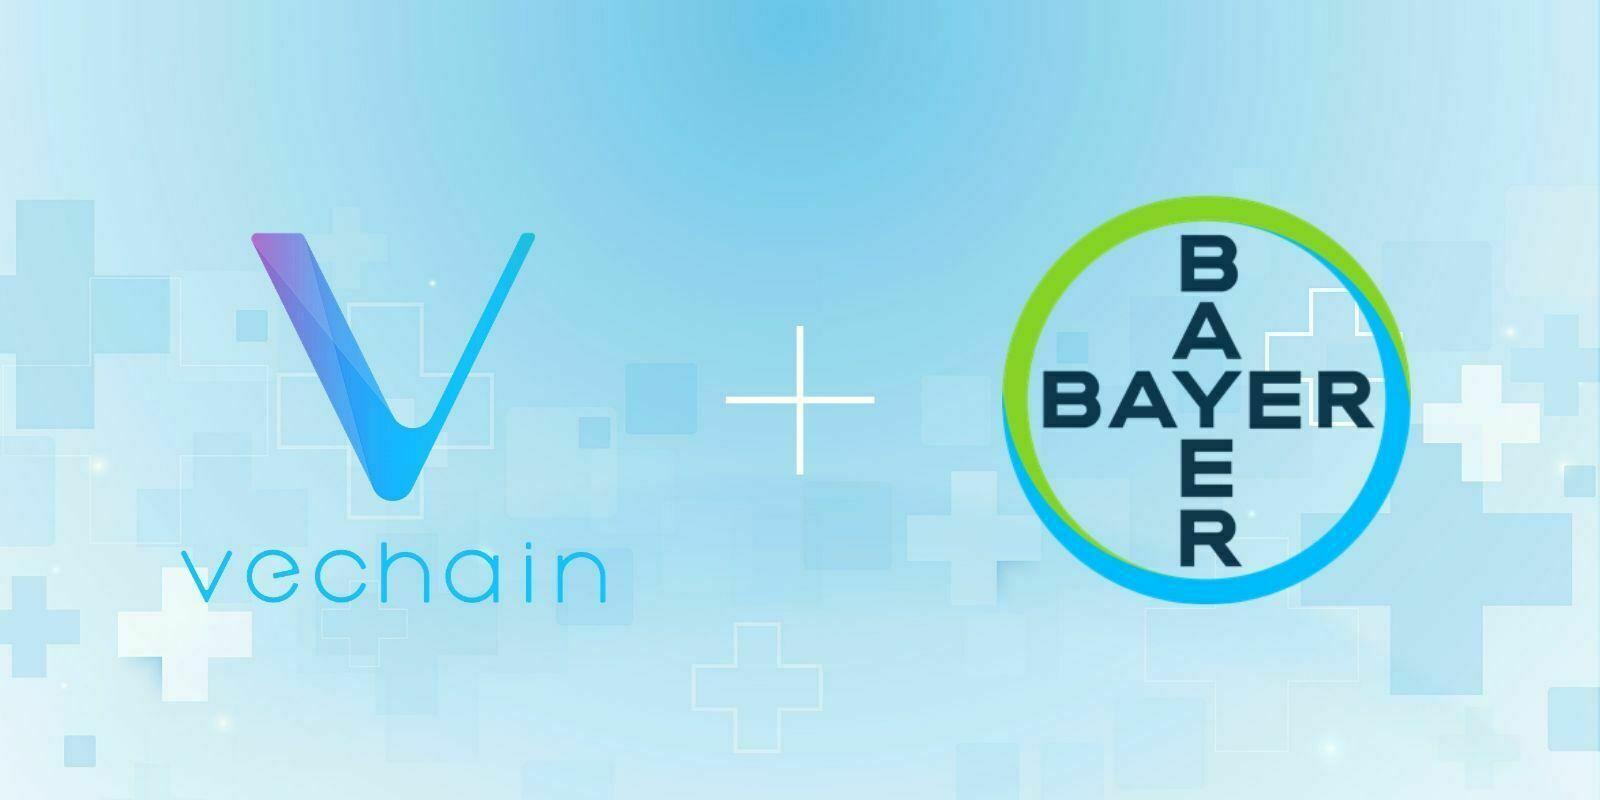 VeChain développe une plateforme de traçabilité des médicaments pour Bayer